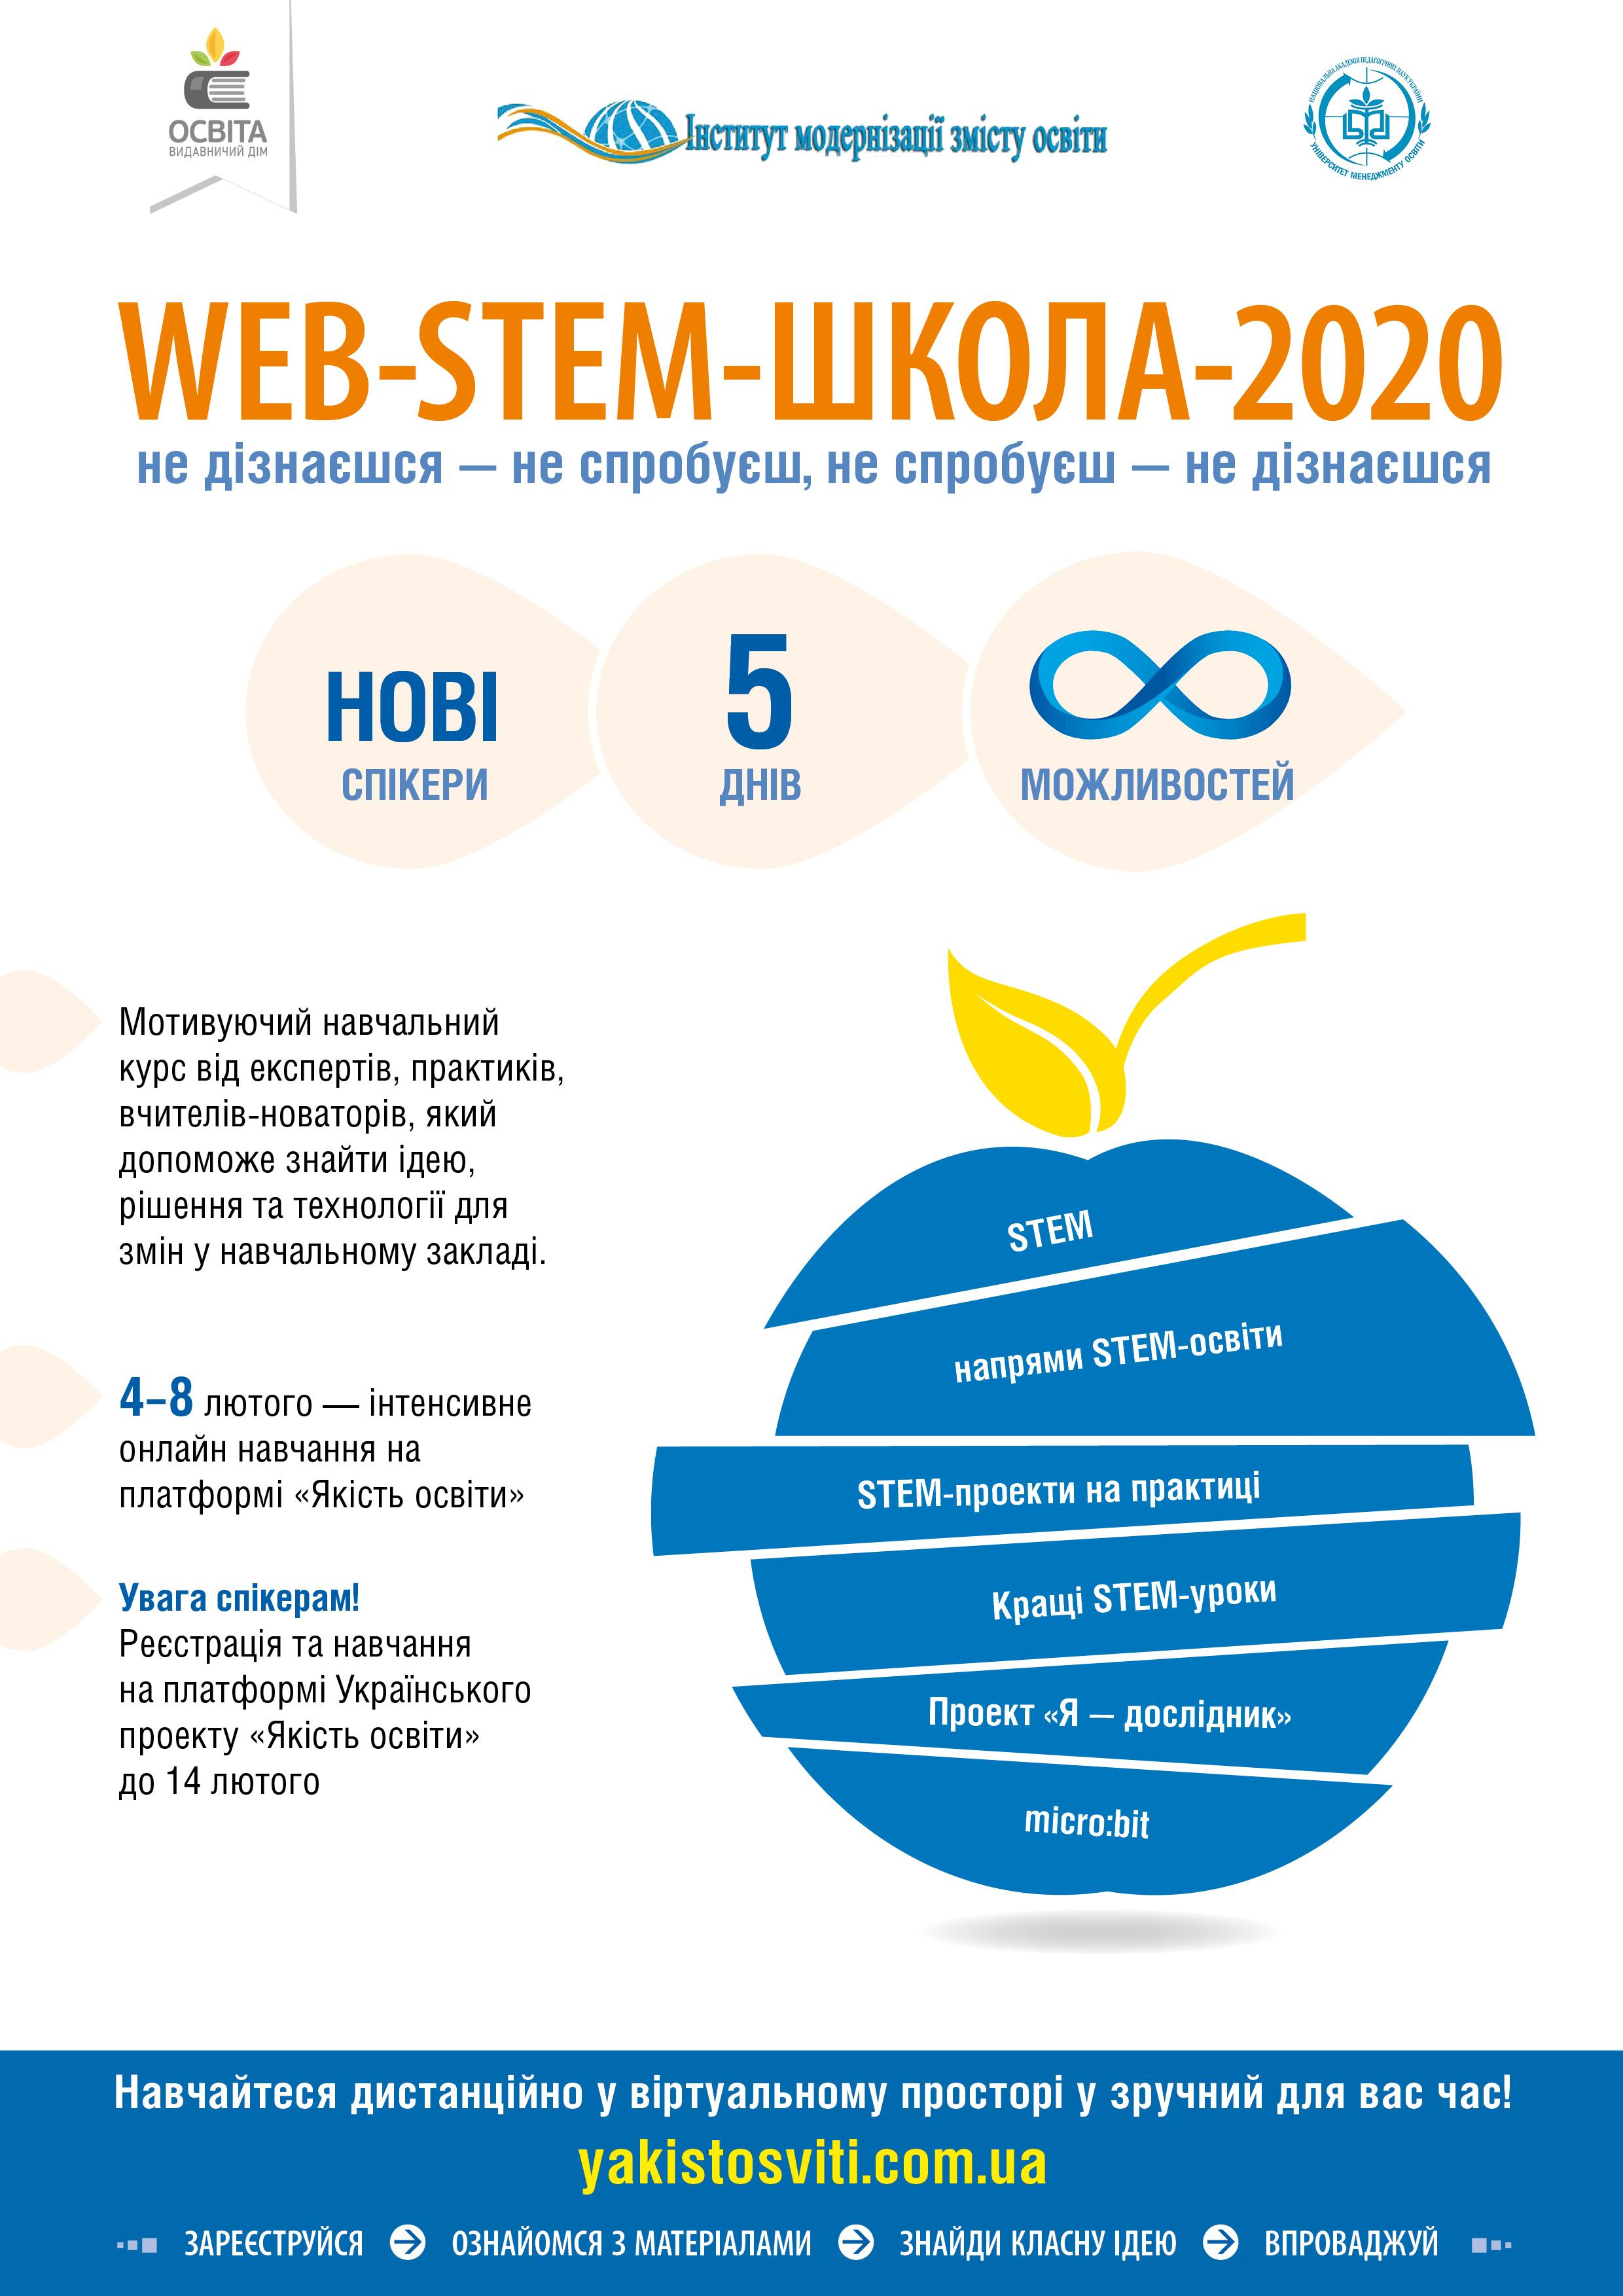 banner. Web sten school 2020